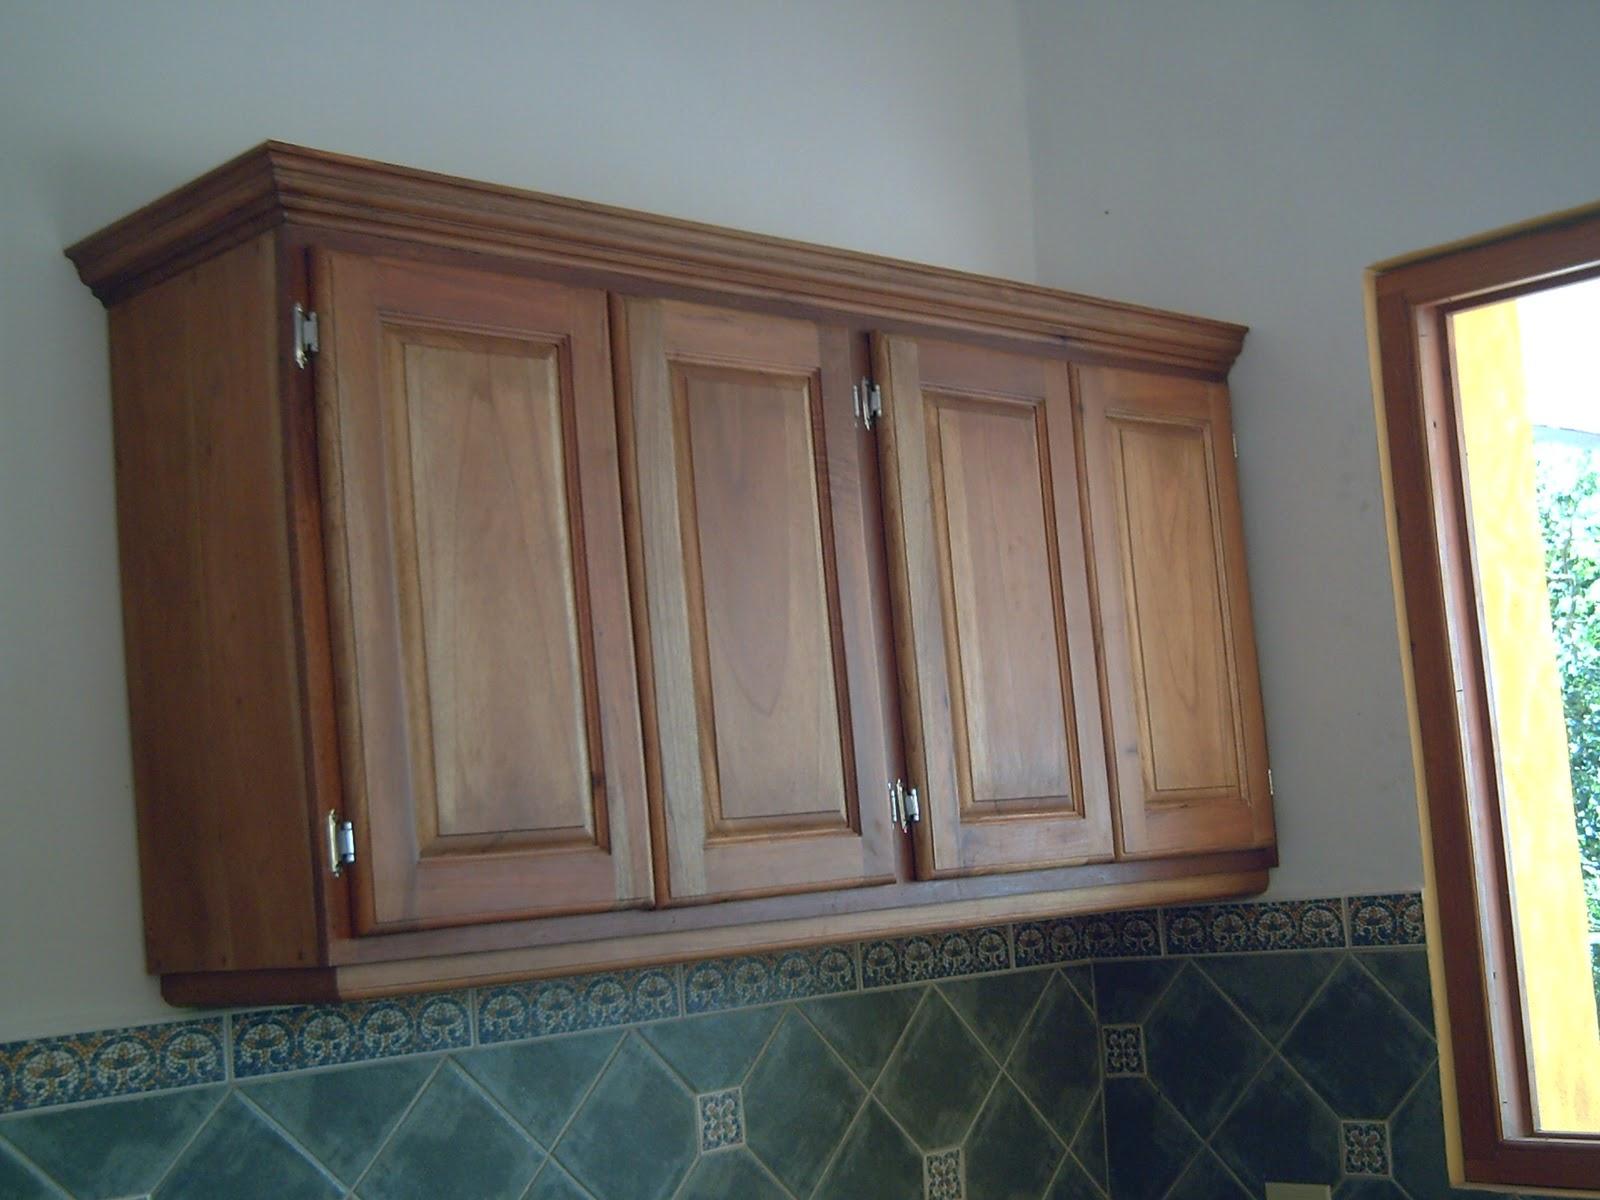 Aserradero las trancas fabricacion de muebles y venta madera servicios de aserrado mobil - Fabricacion de muebles de madera ...